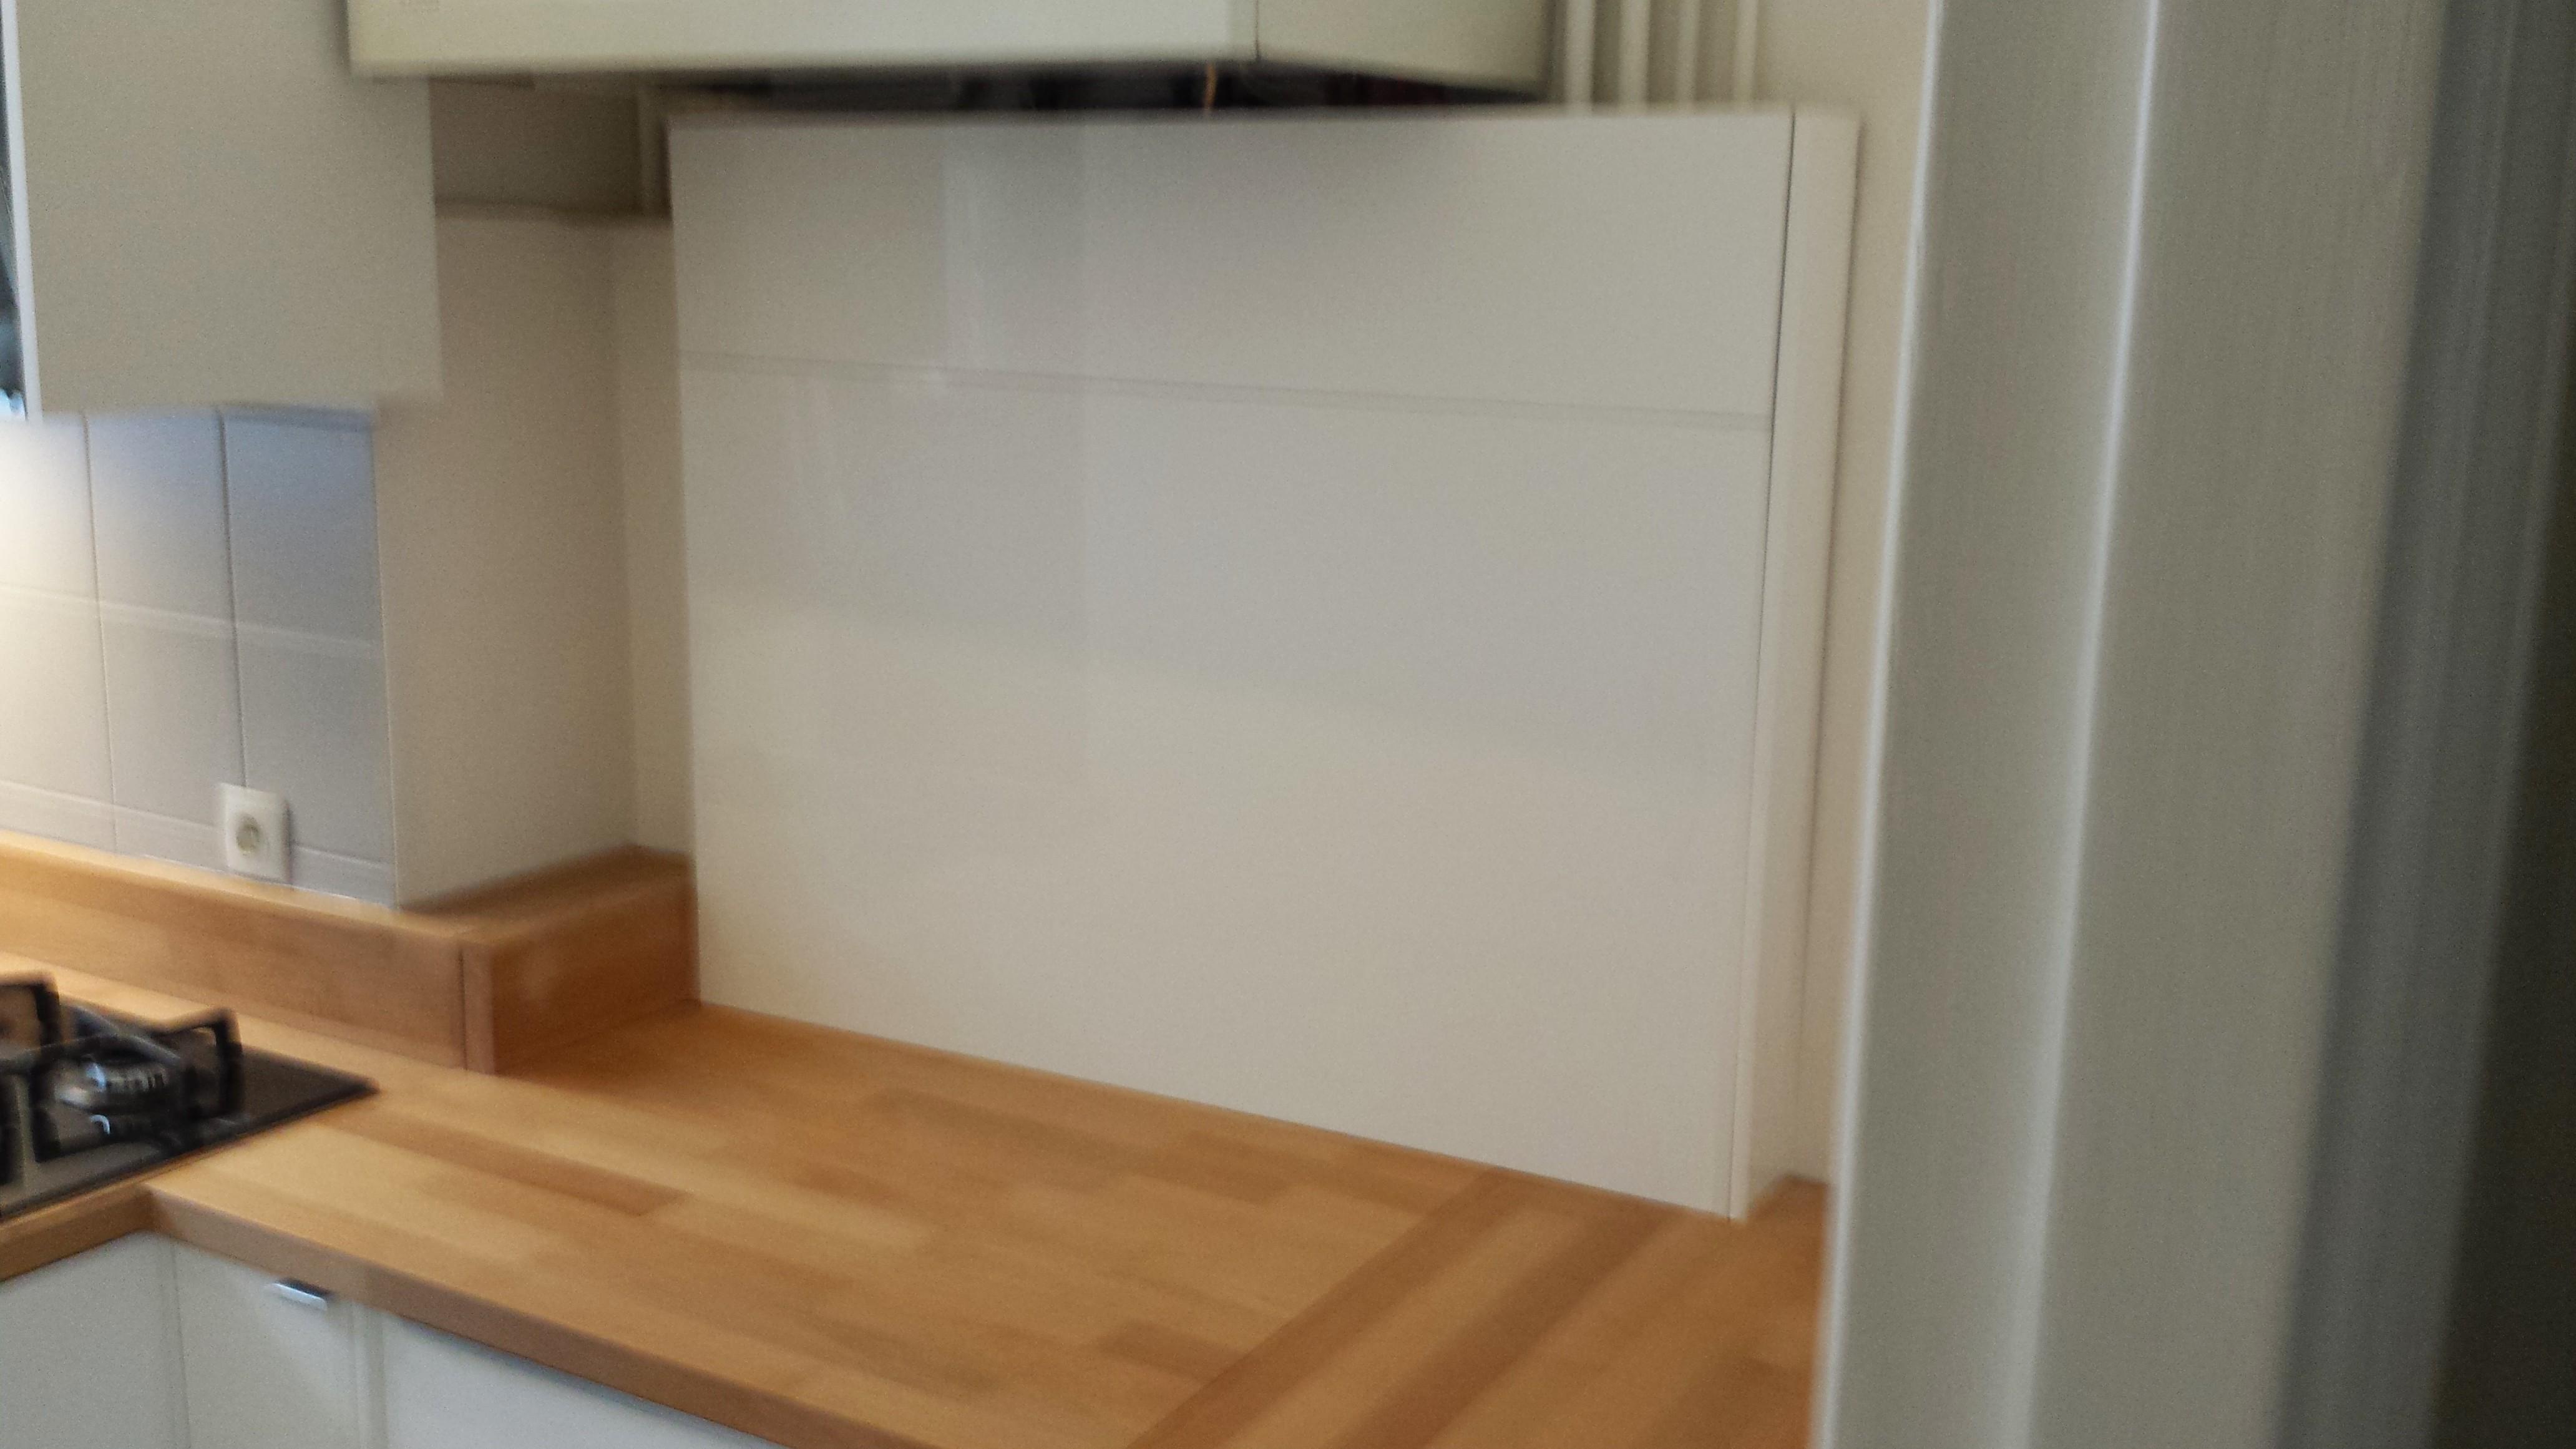 Reglage porte ikea best excellente porte cuisine pb charnires rustique porte cuisine sur mesure - Comment regler une porte de placard ...